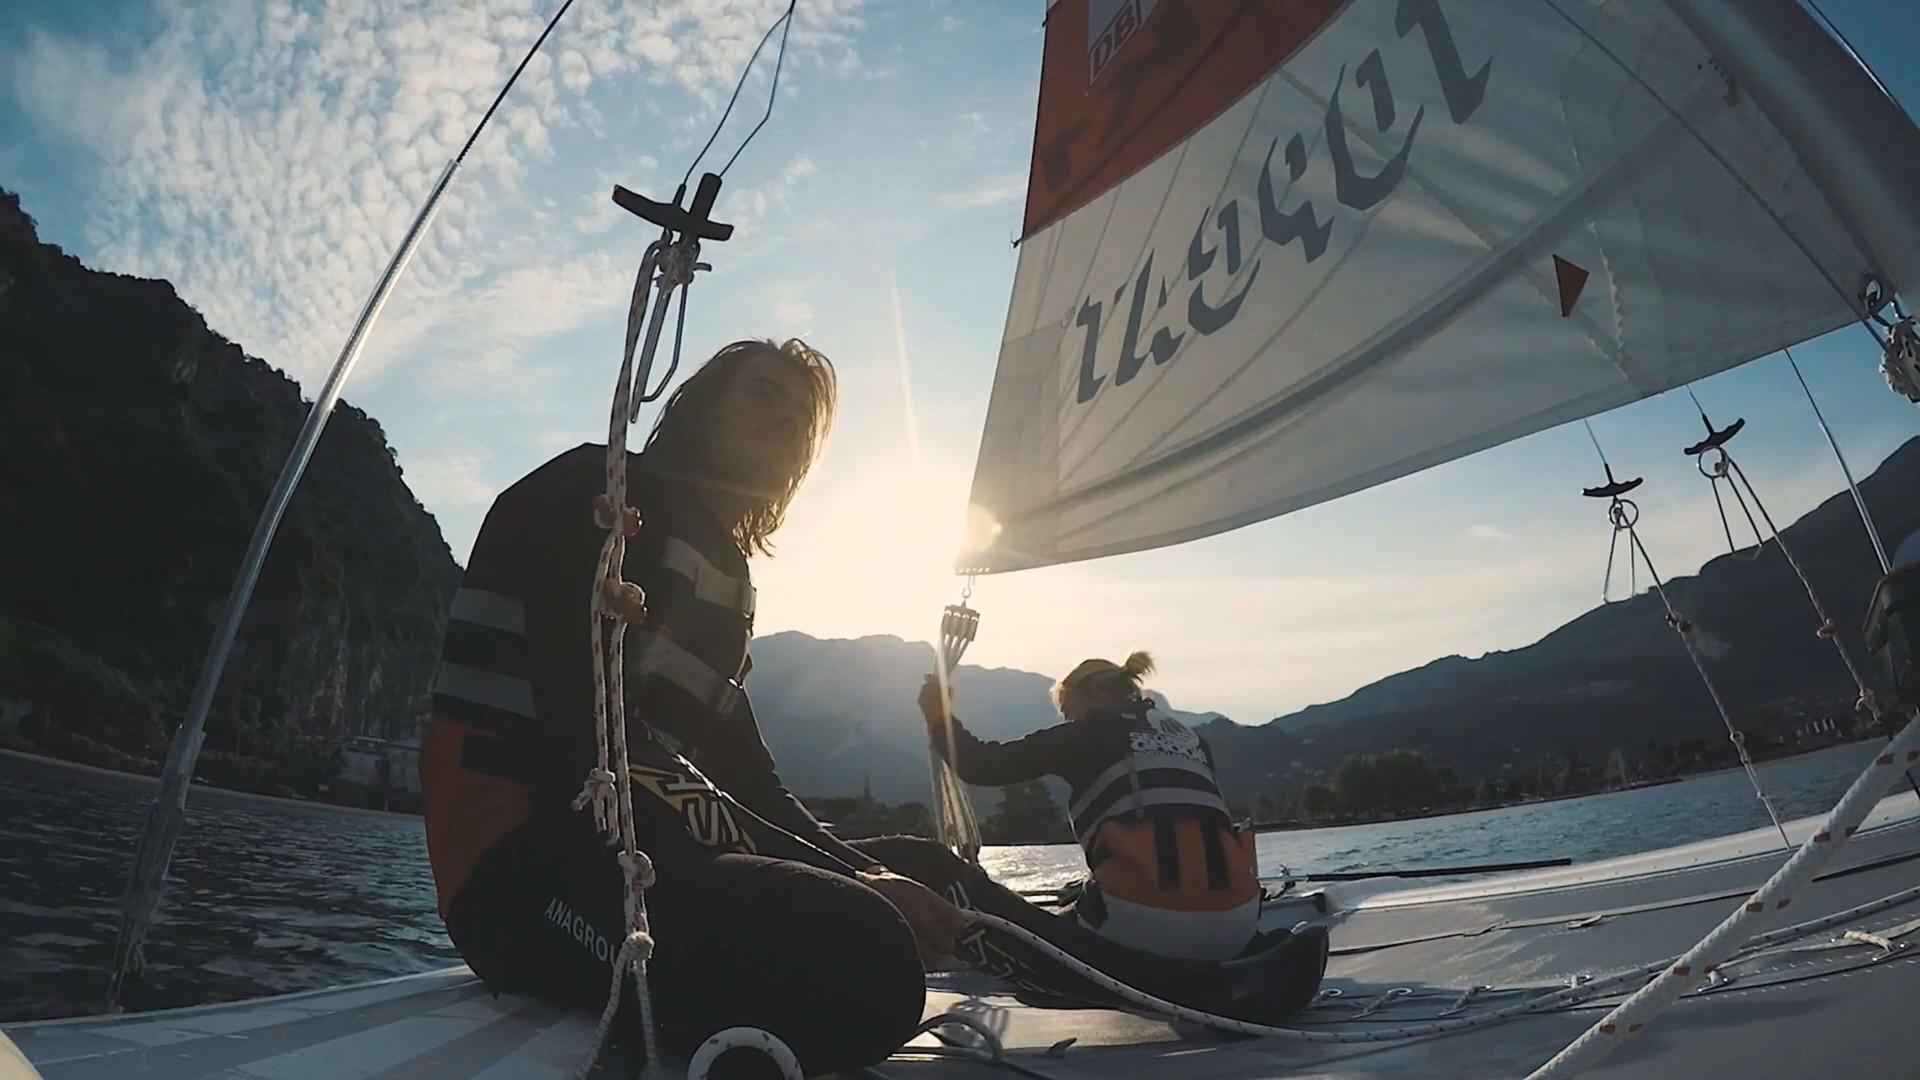 Escursione in Barca a Vela Fun Sailing sul lago di Garda - 2 ore con istruttore